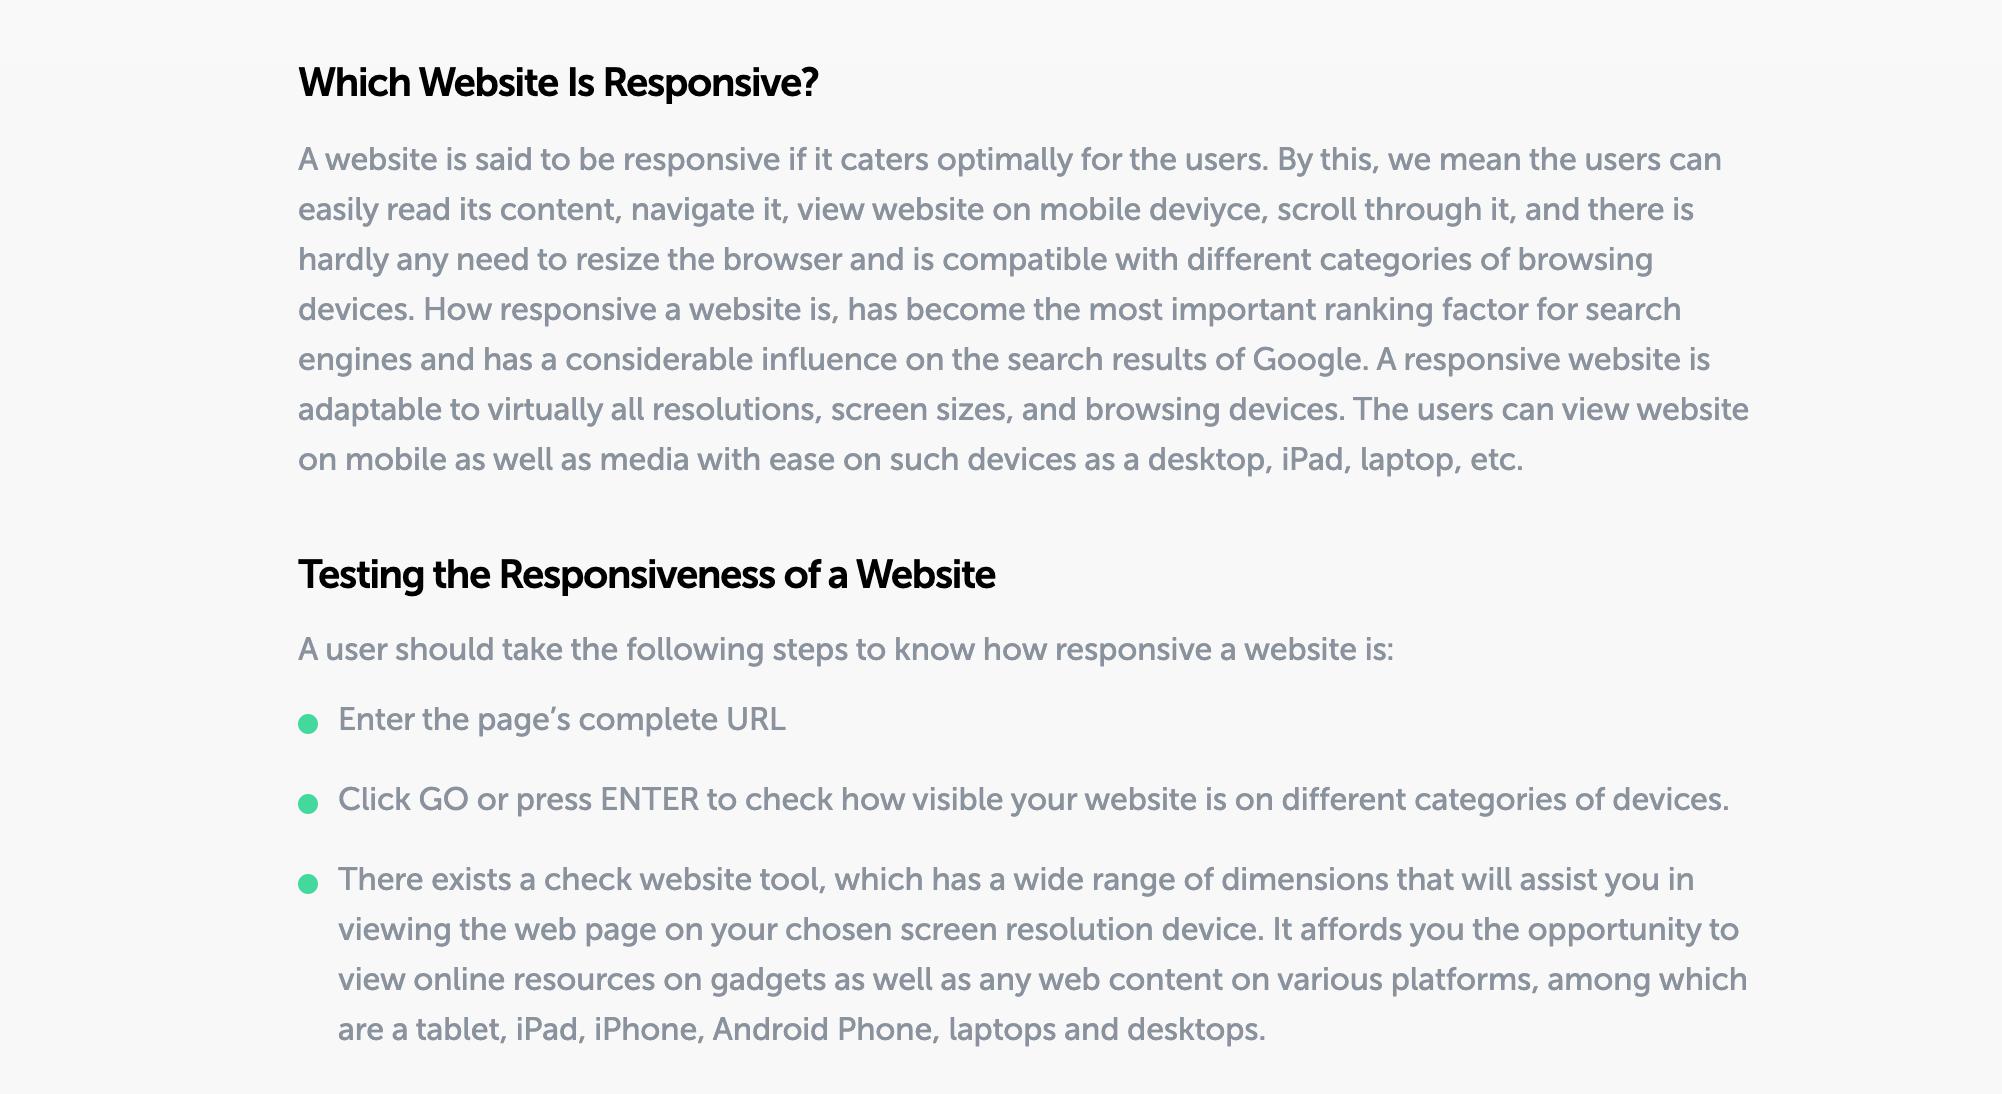 test website responsiveness